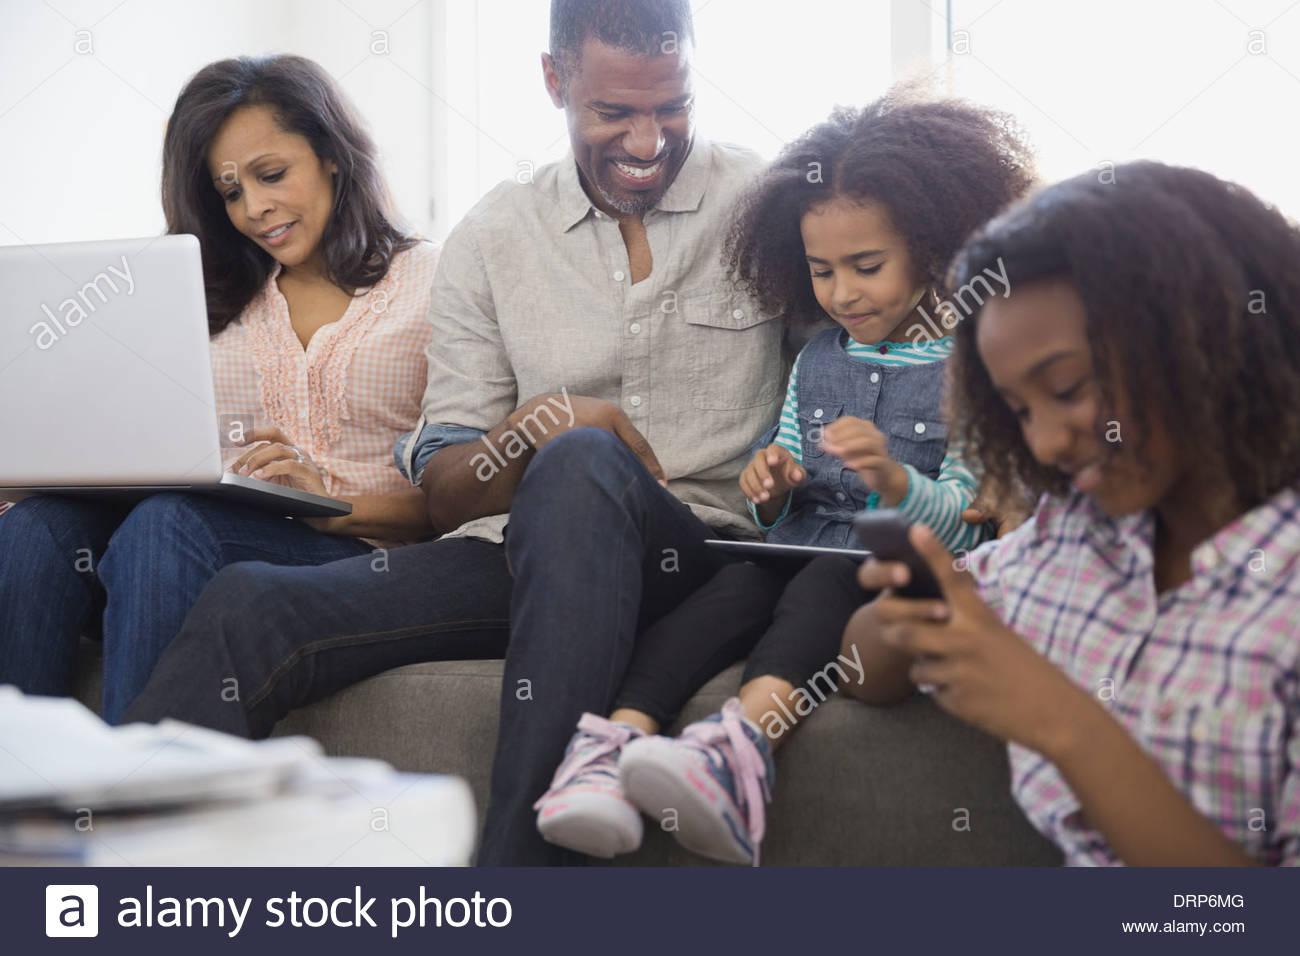 Famille au moyen d'appareils sans fil à la maison Photo Stock